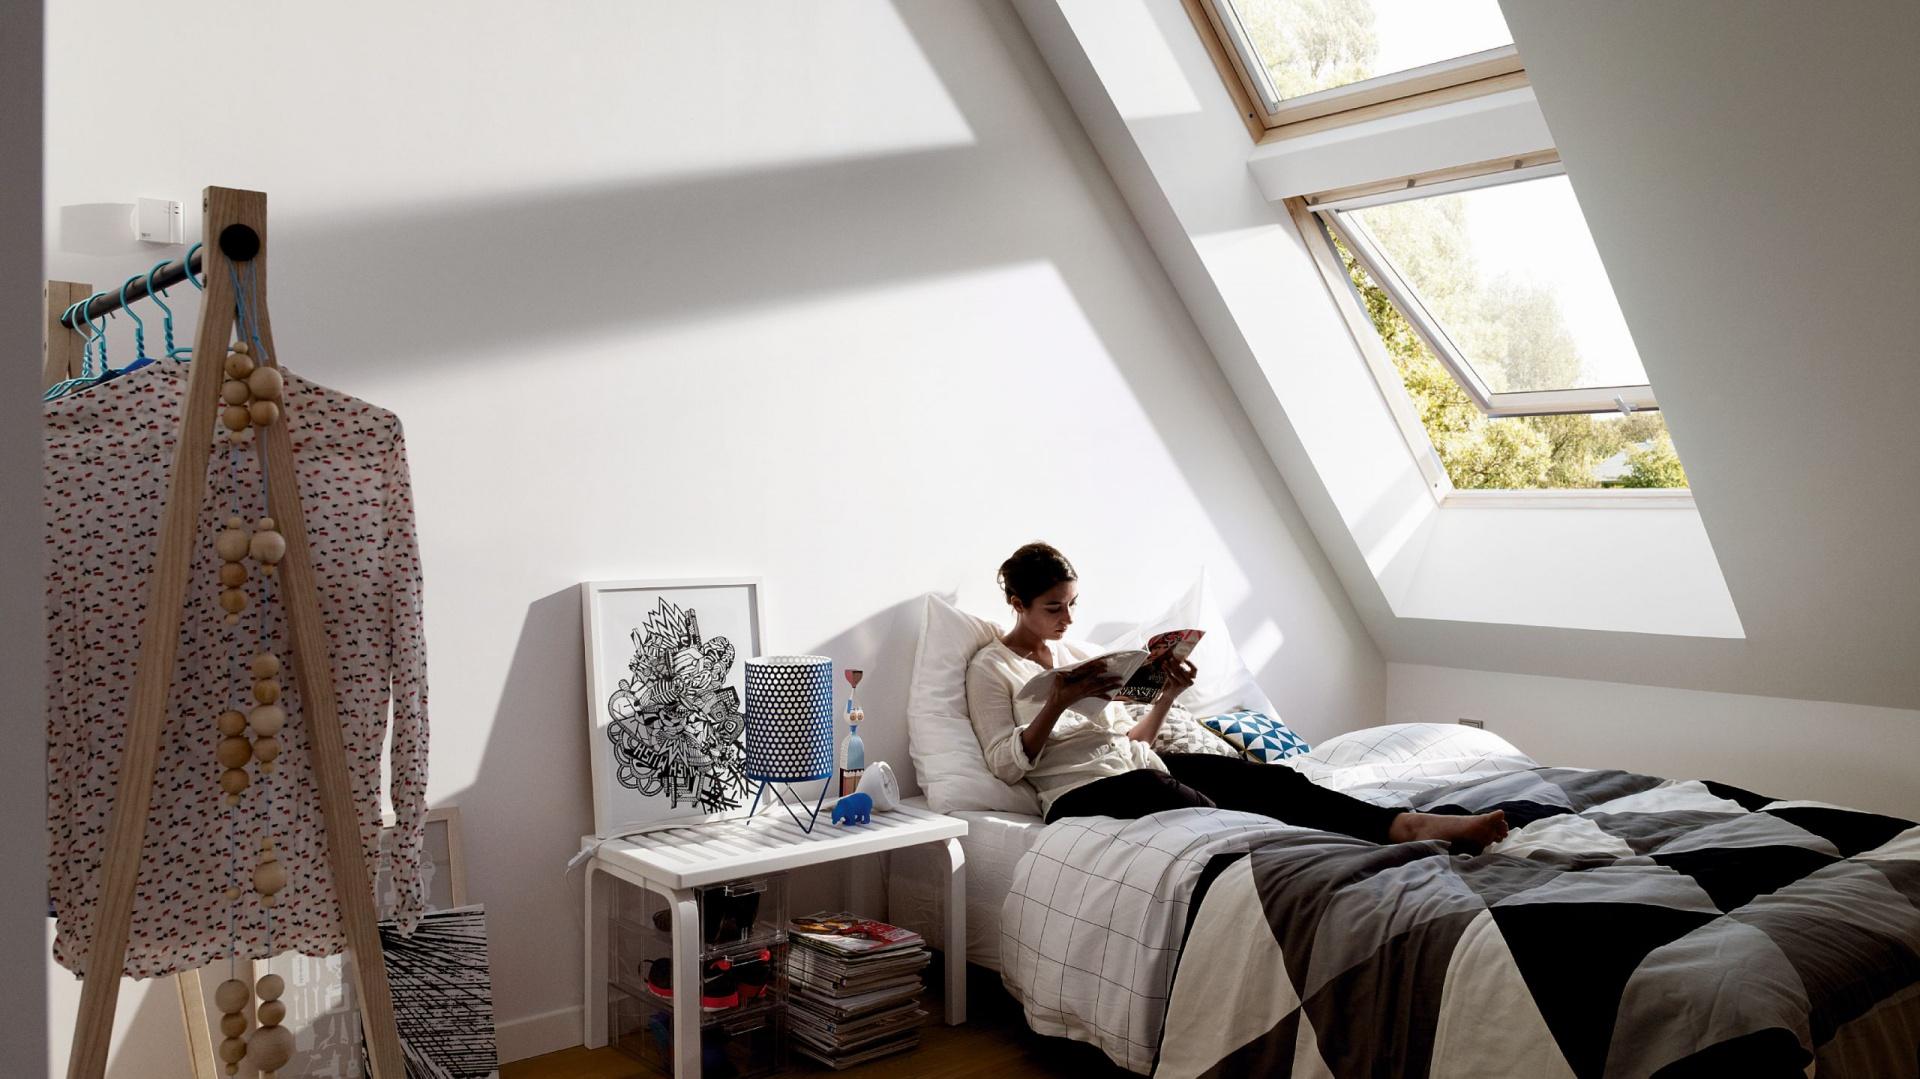 Okno dachowe GPL z pakietem wyciszania deszczu gwarantuje spokojny sen, można uchylić nawet do kąta 45° i swobodnie przez nie wyglądać. Od 2.674 zł, Velux